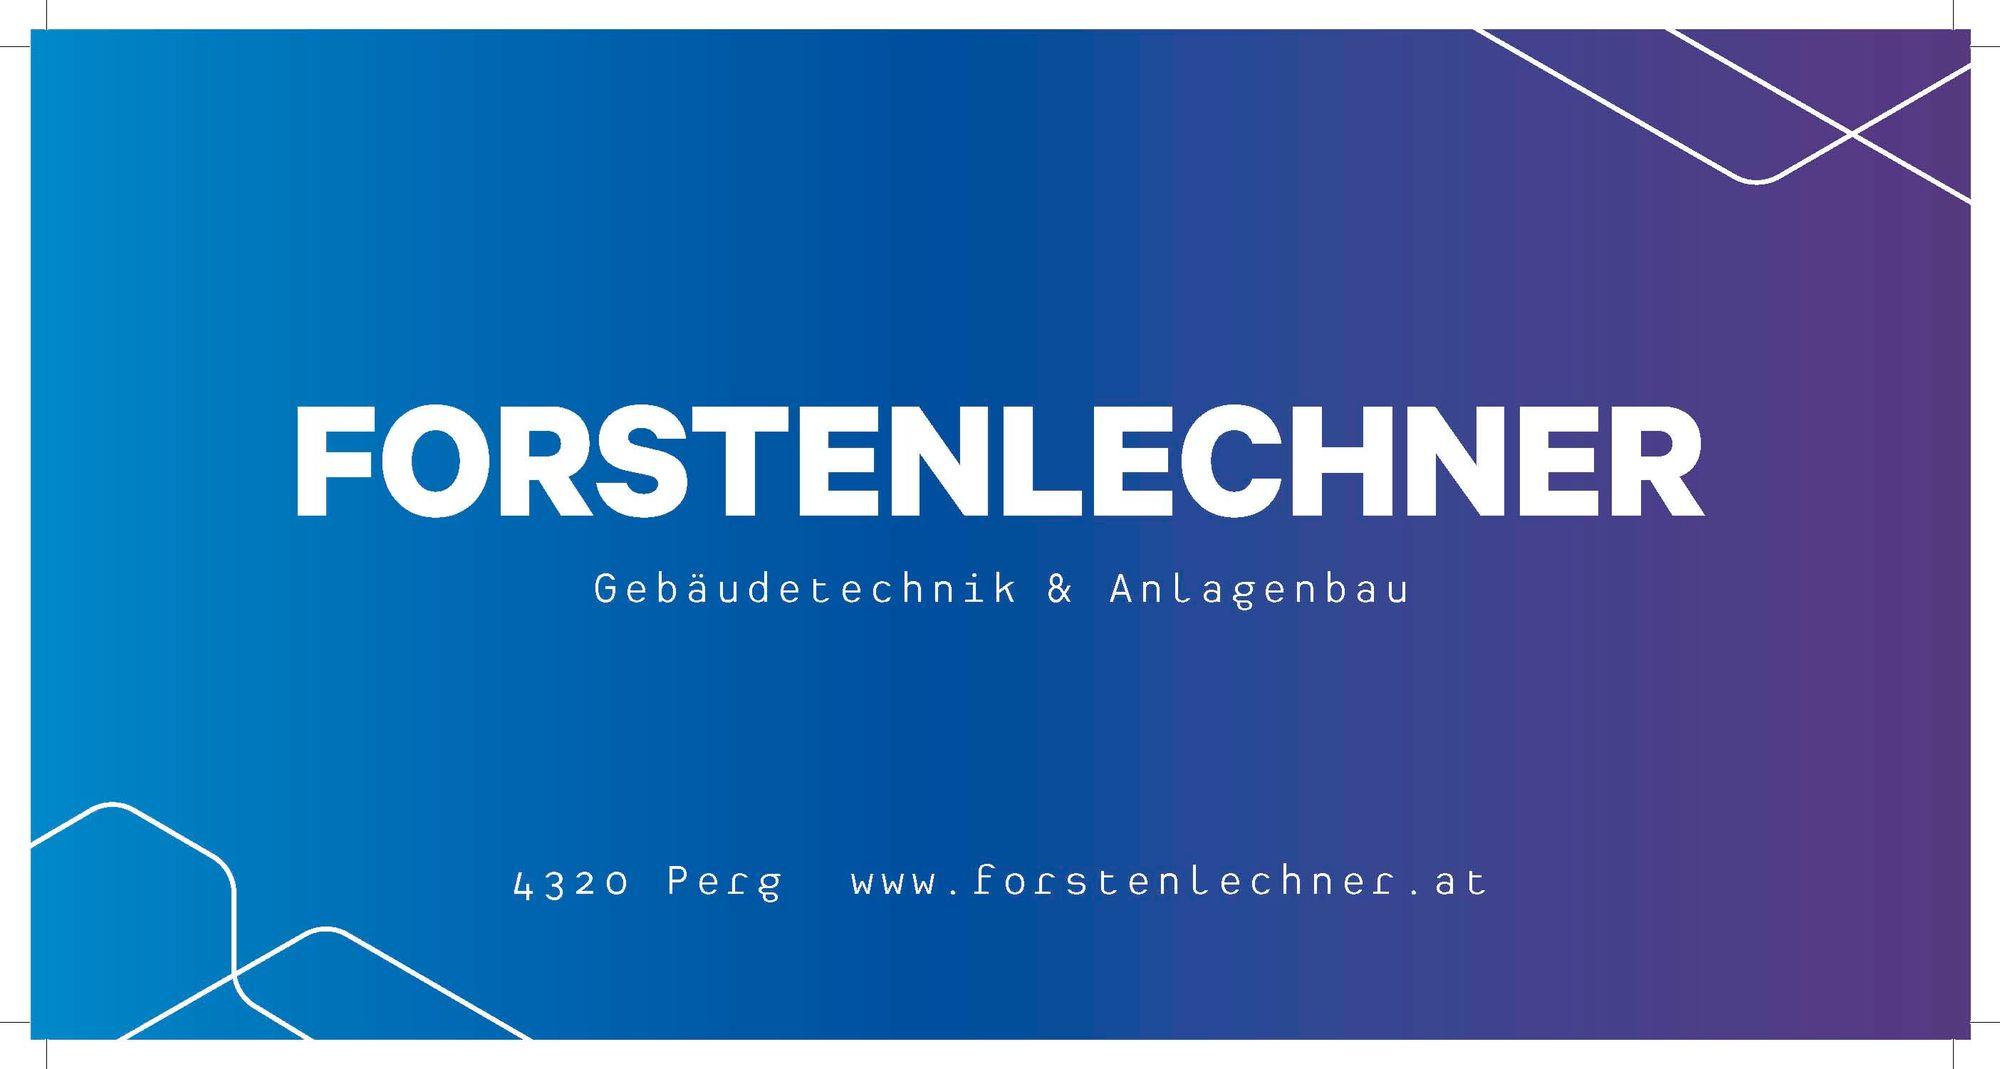 S19 Forstenlechner KW 29